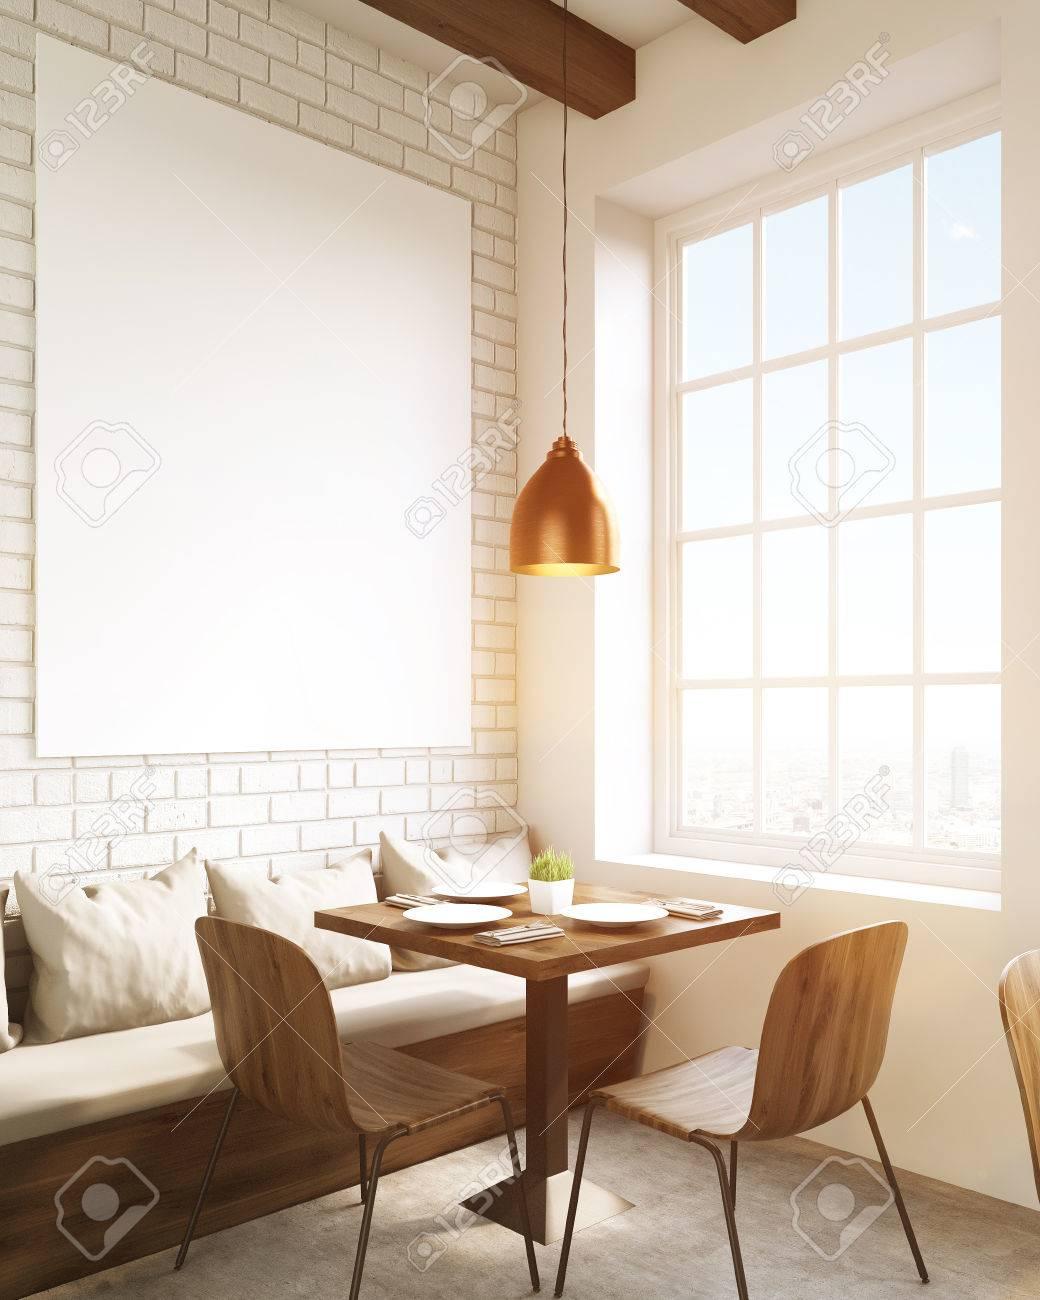 Cafe Innenraum. Platz Tisch Und Stühle, Ein Sofa Mit Kissen. Bild An ...